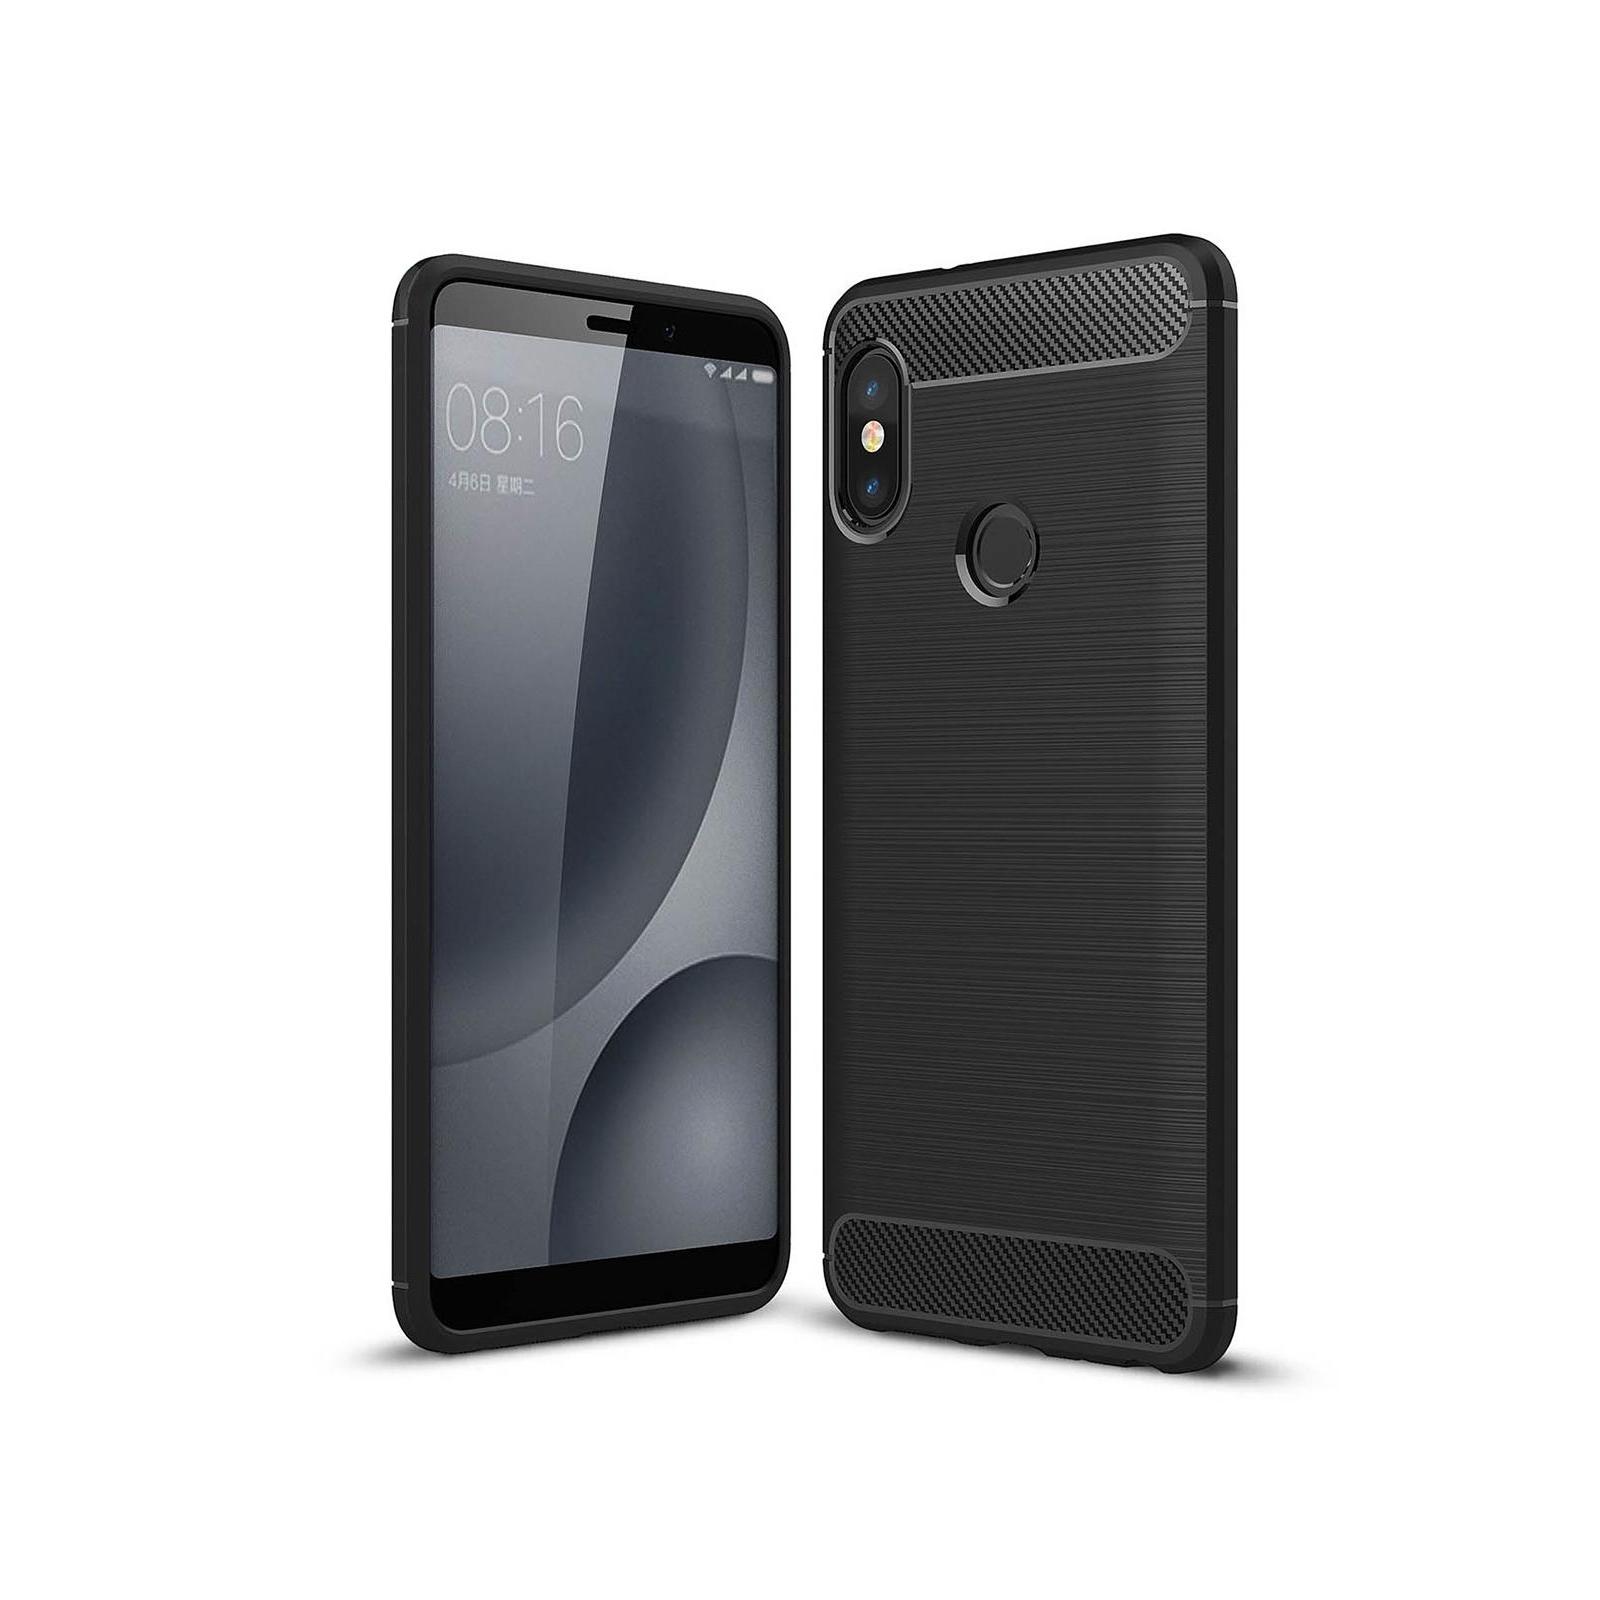 Чехол для моб. телефона Laudtec для XiaomiRedmi Note 5 Pro Carbon Fiber (Black) (LT-RN5PB) изображение 2